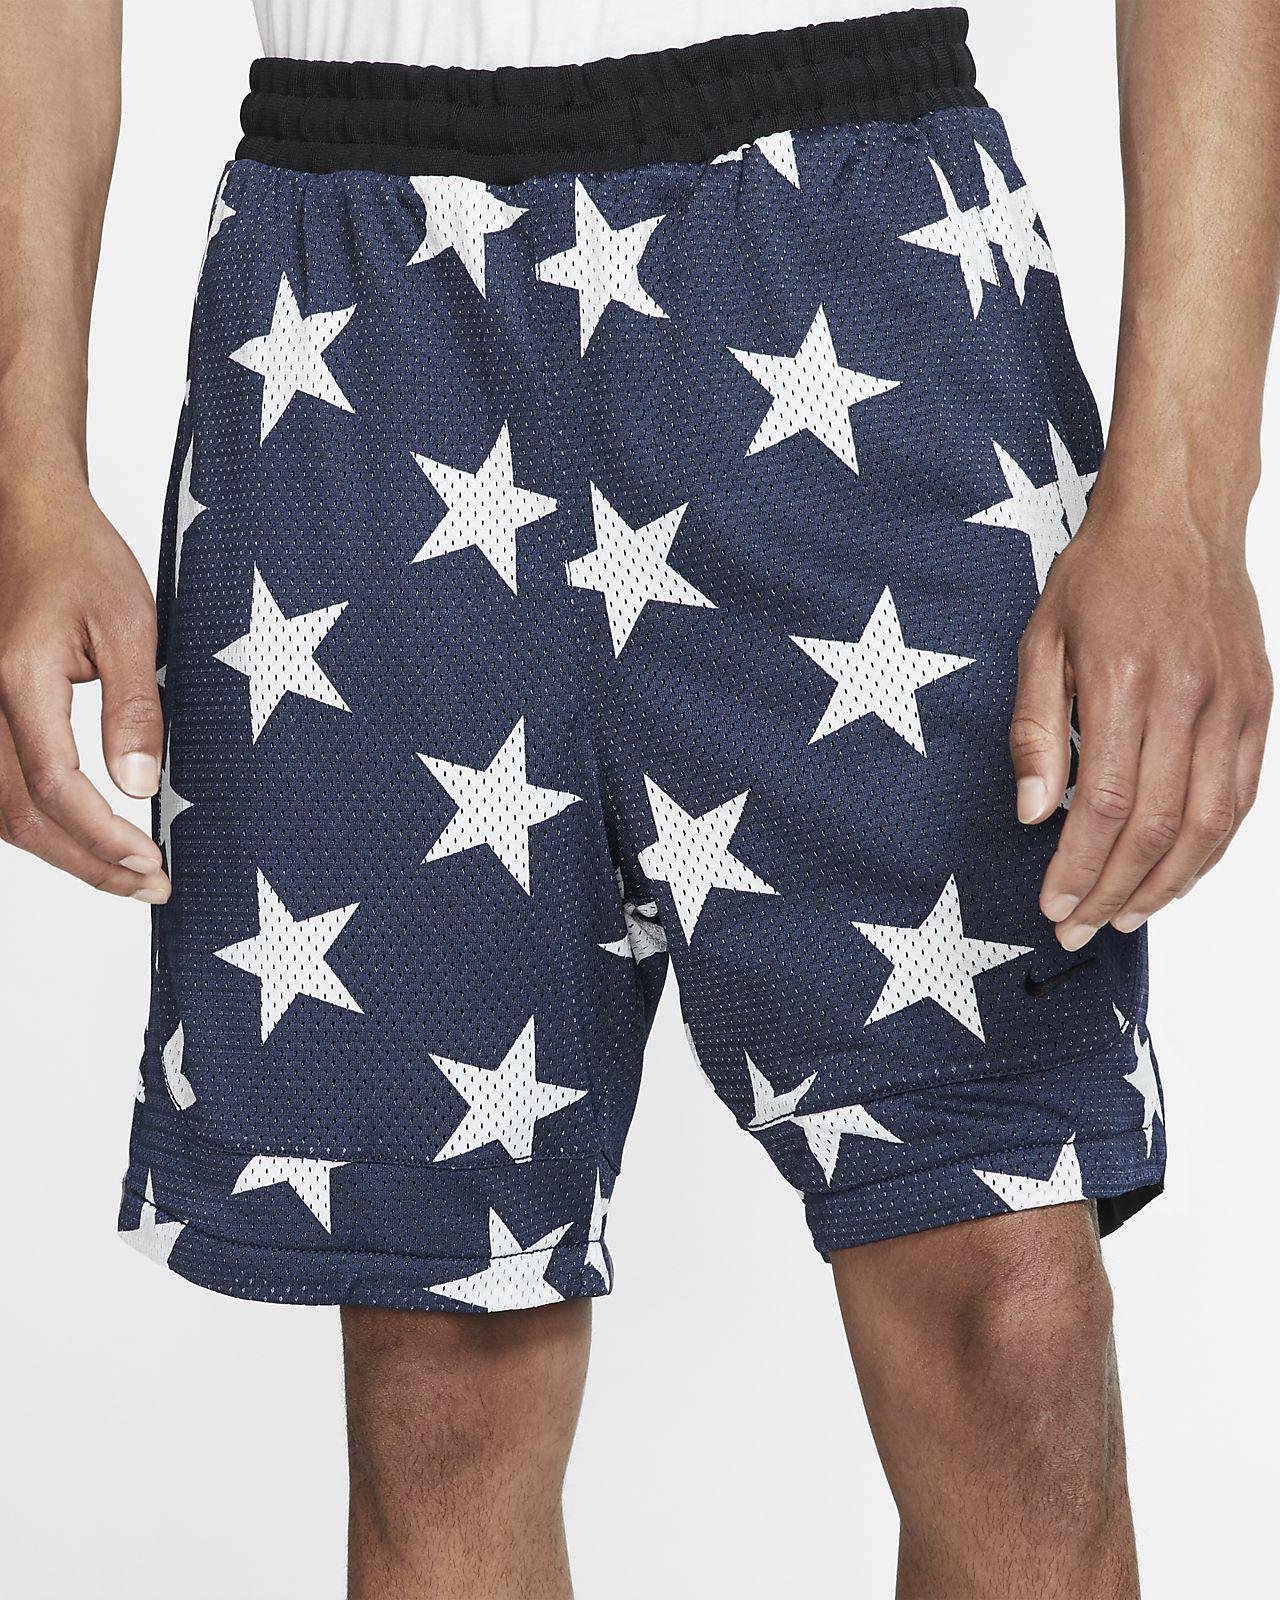 NikeLab Collection Men's Reversible Shorts